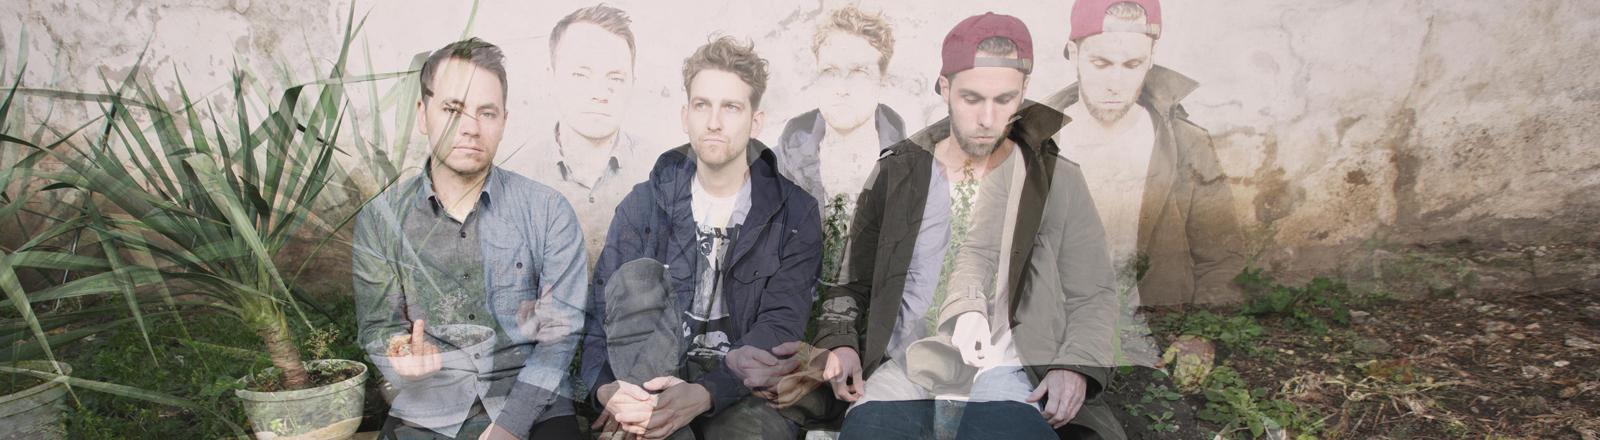 Raffi, Jonas und Moritz von OK KID sitzen nebeneinander. Durch einen Belichtungseffekt sind die letzten Bewegungen der dreien noch erkennbar. Bild: OK KID